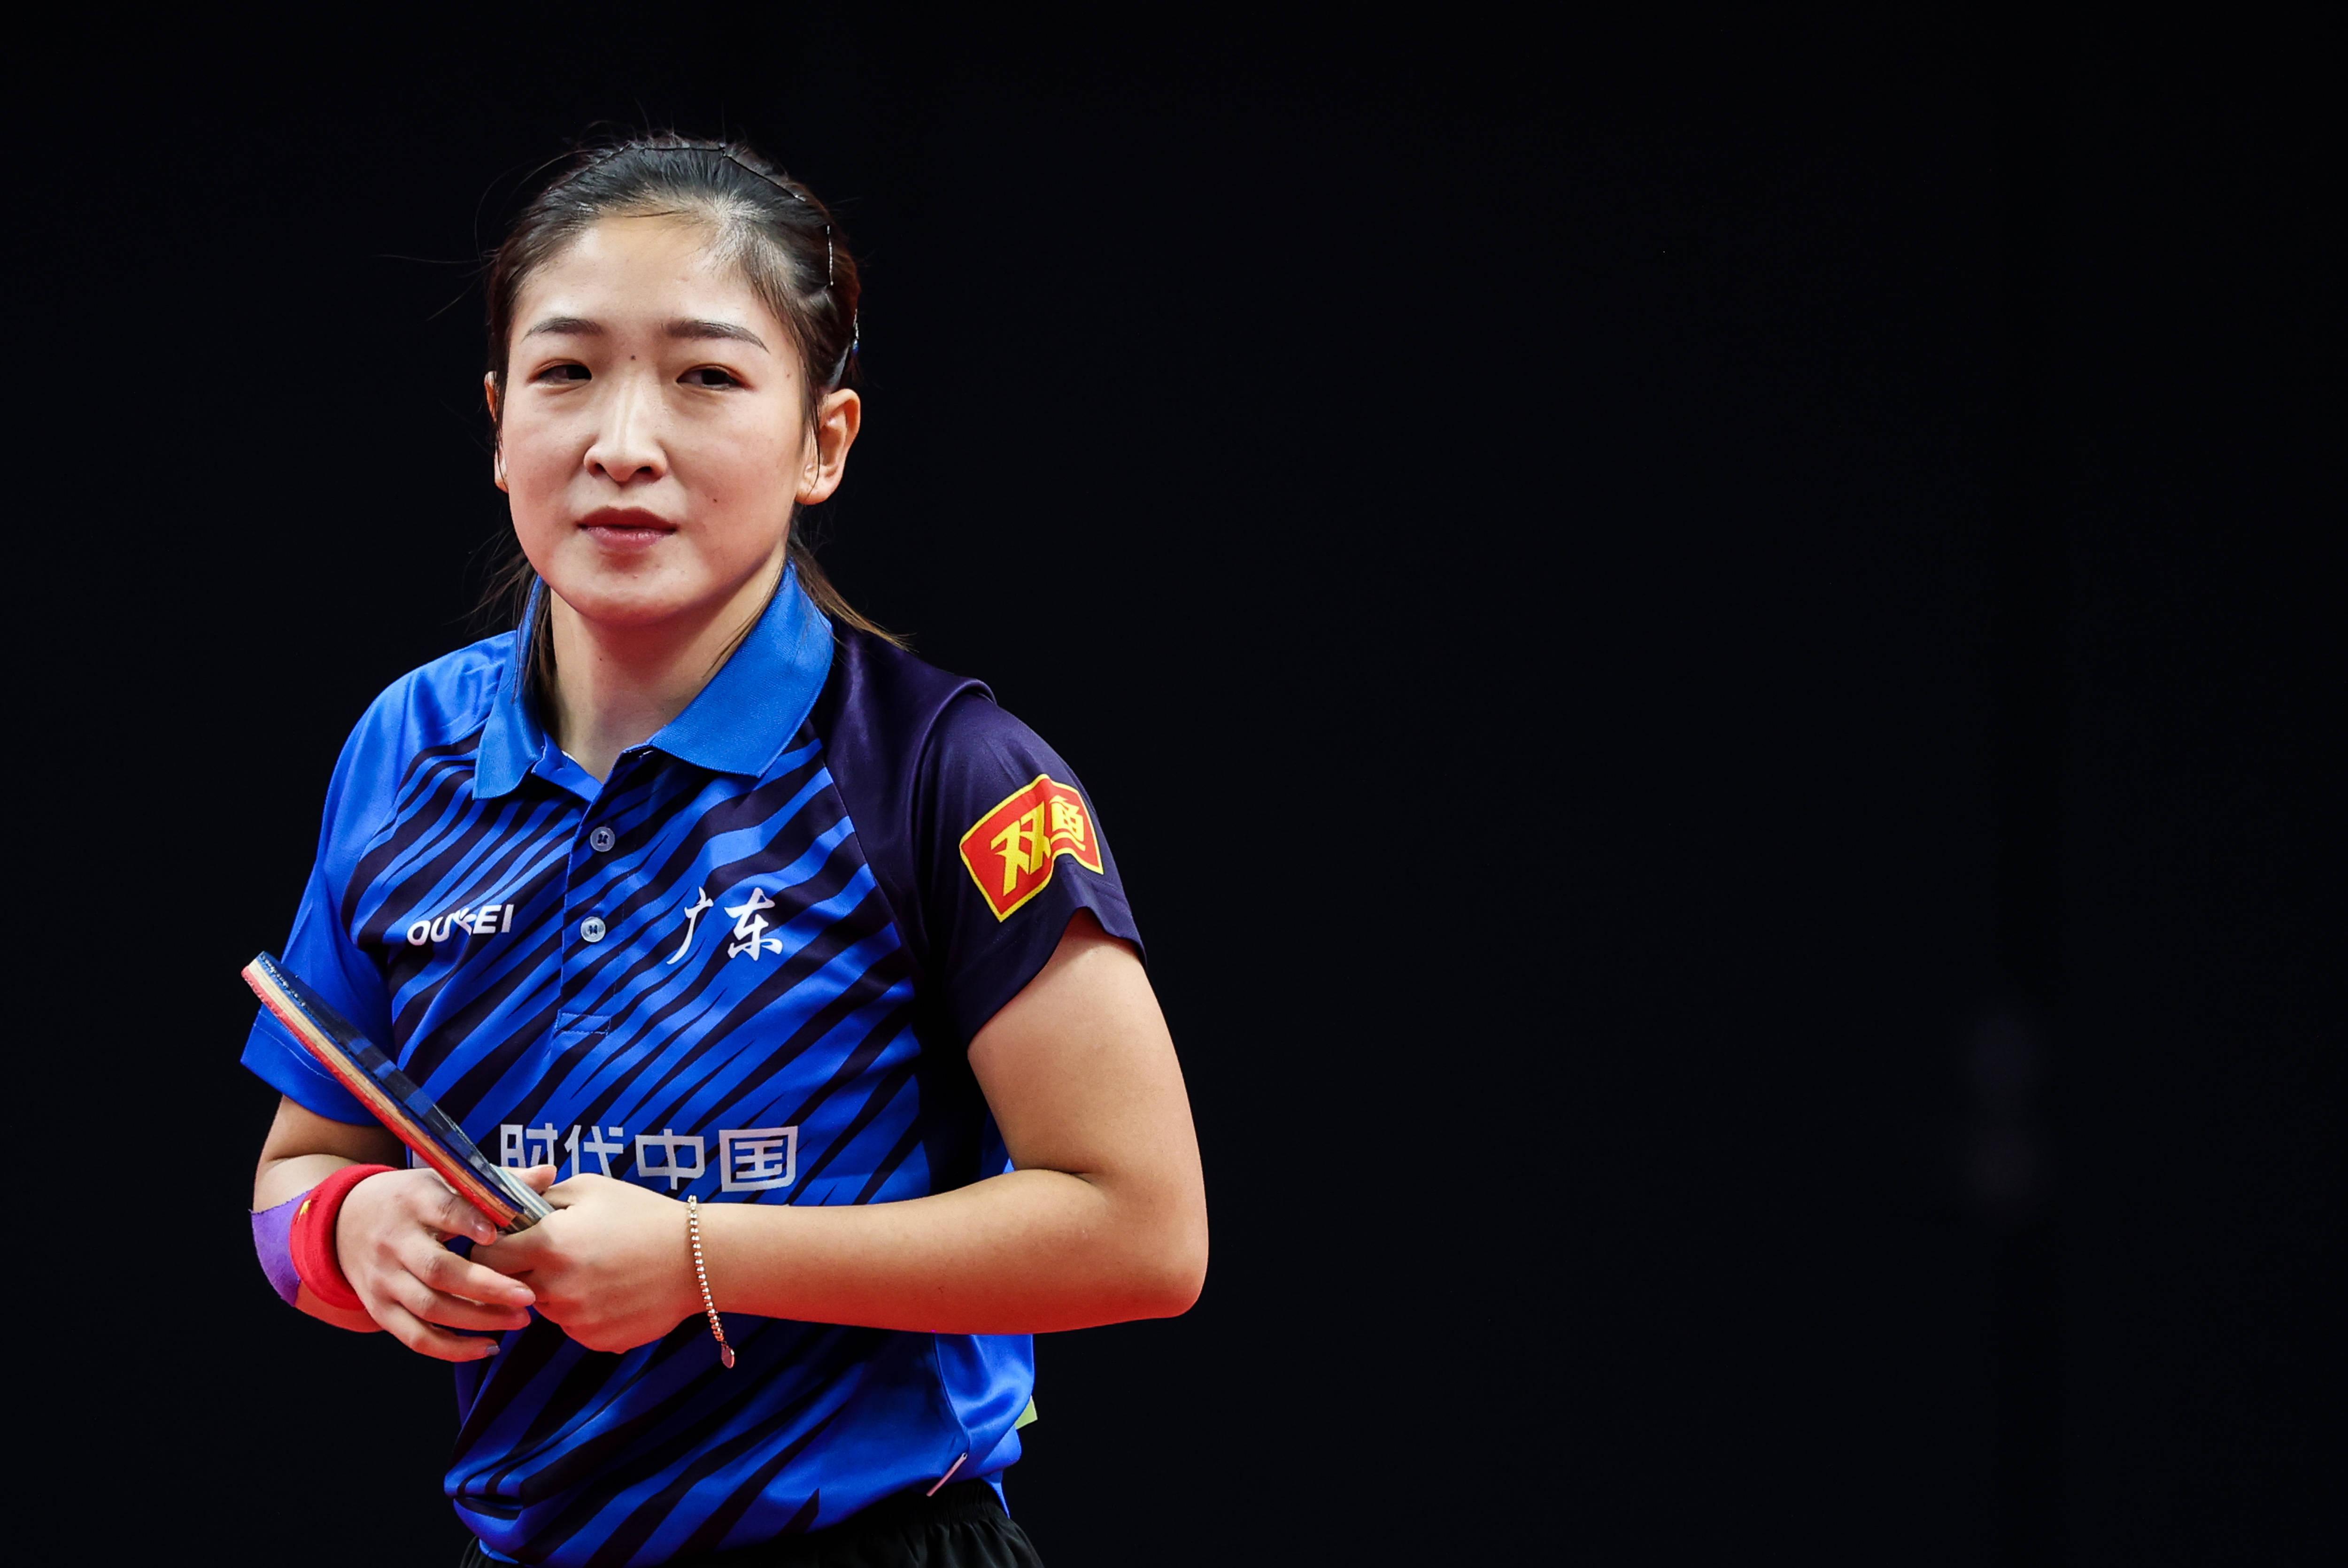 刘诗雯:我很珍惜全运赛场 珍惜每一场比赛